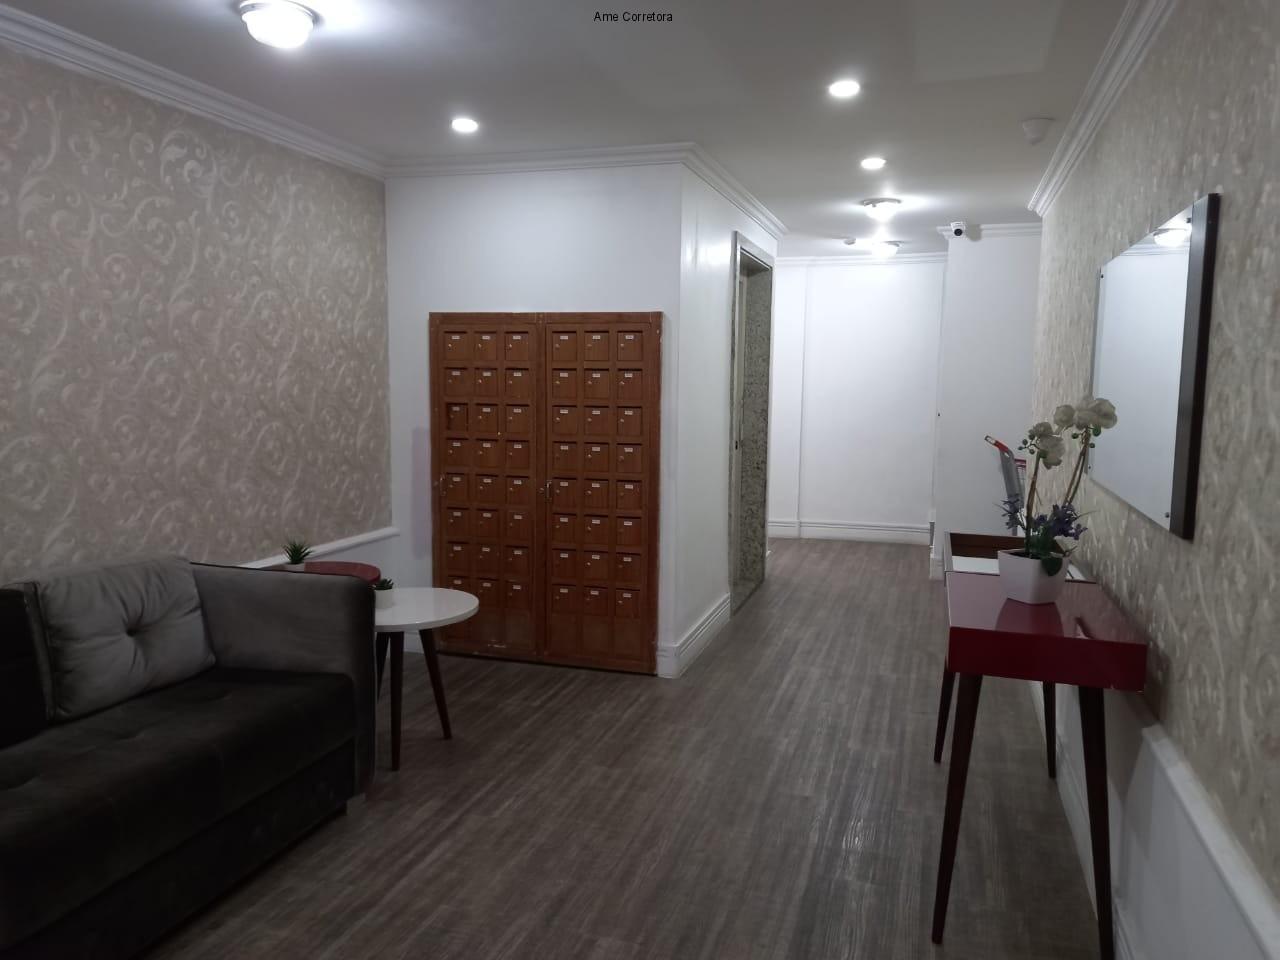 FOTO 01 - Apartamento 2 quartos para alugar Campo Grande, Rio de Janeiro - R$ 1.200 - AP00439 - 1